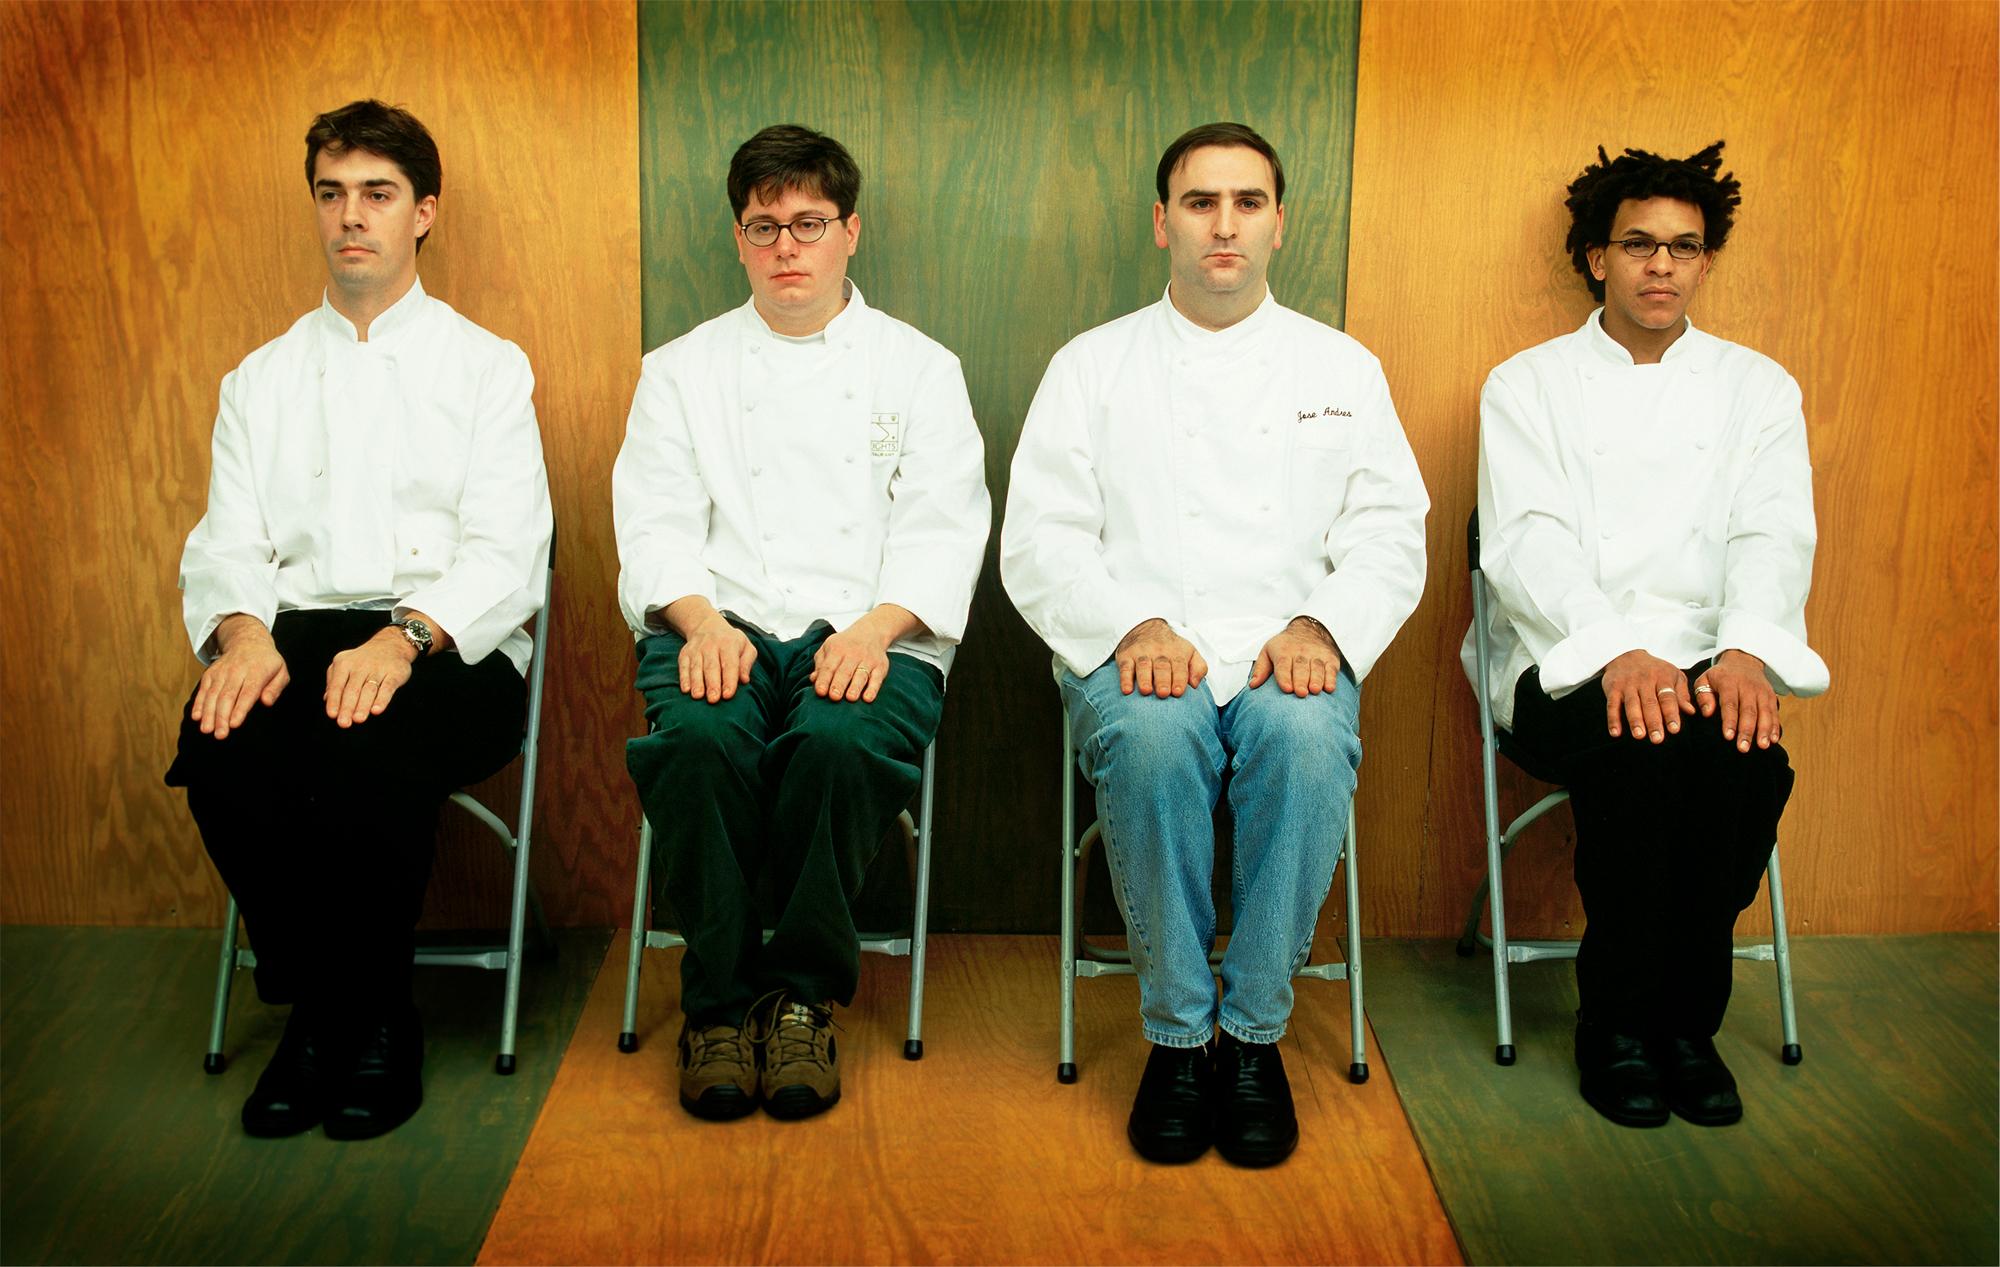 4+chefs_2_bk